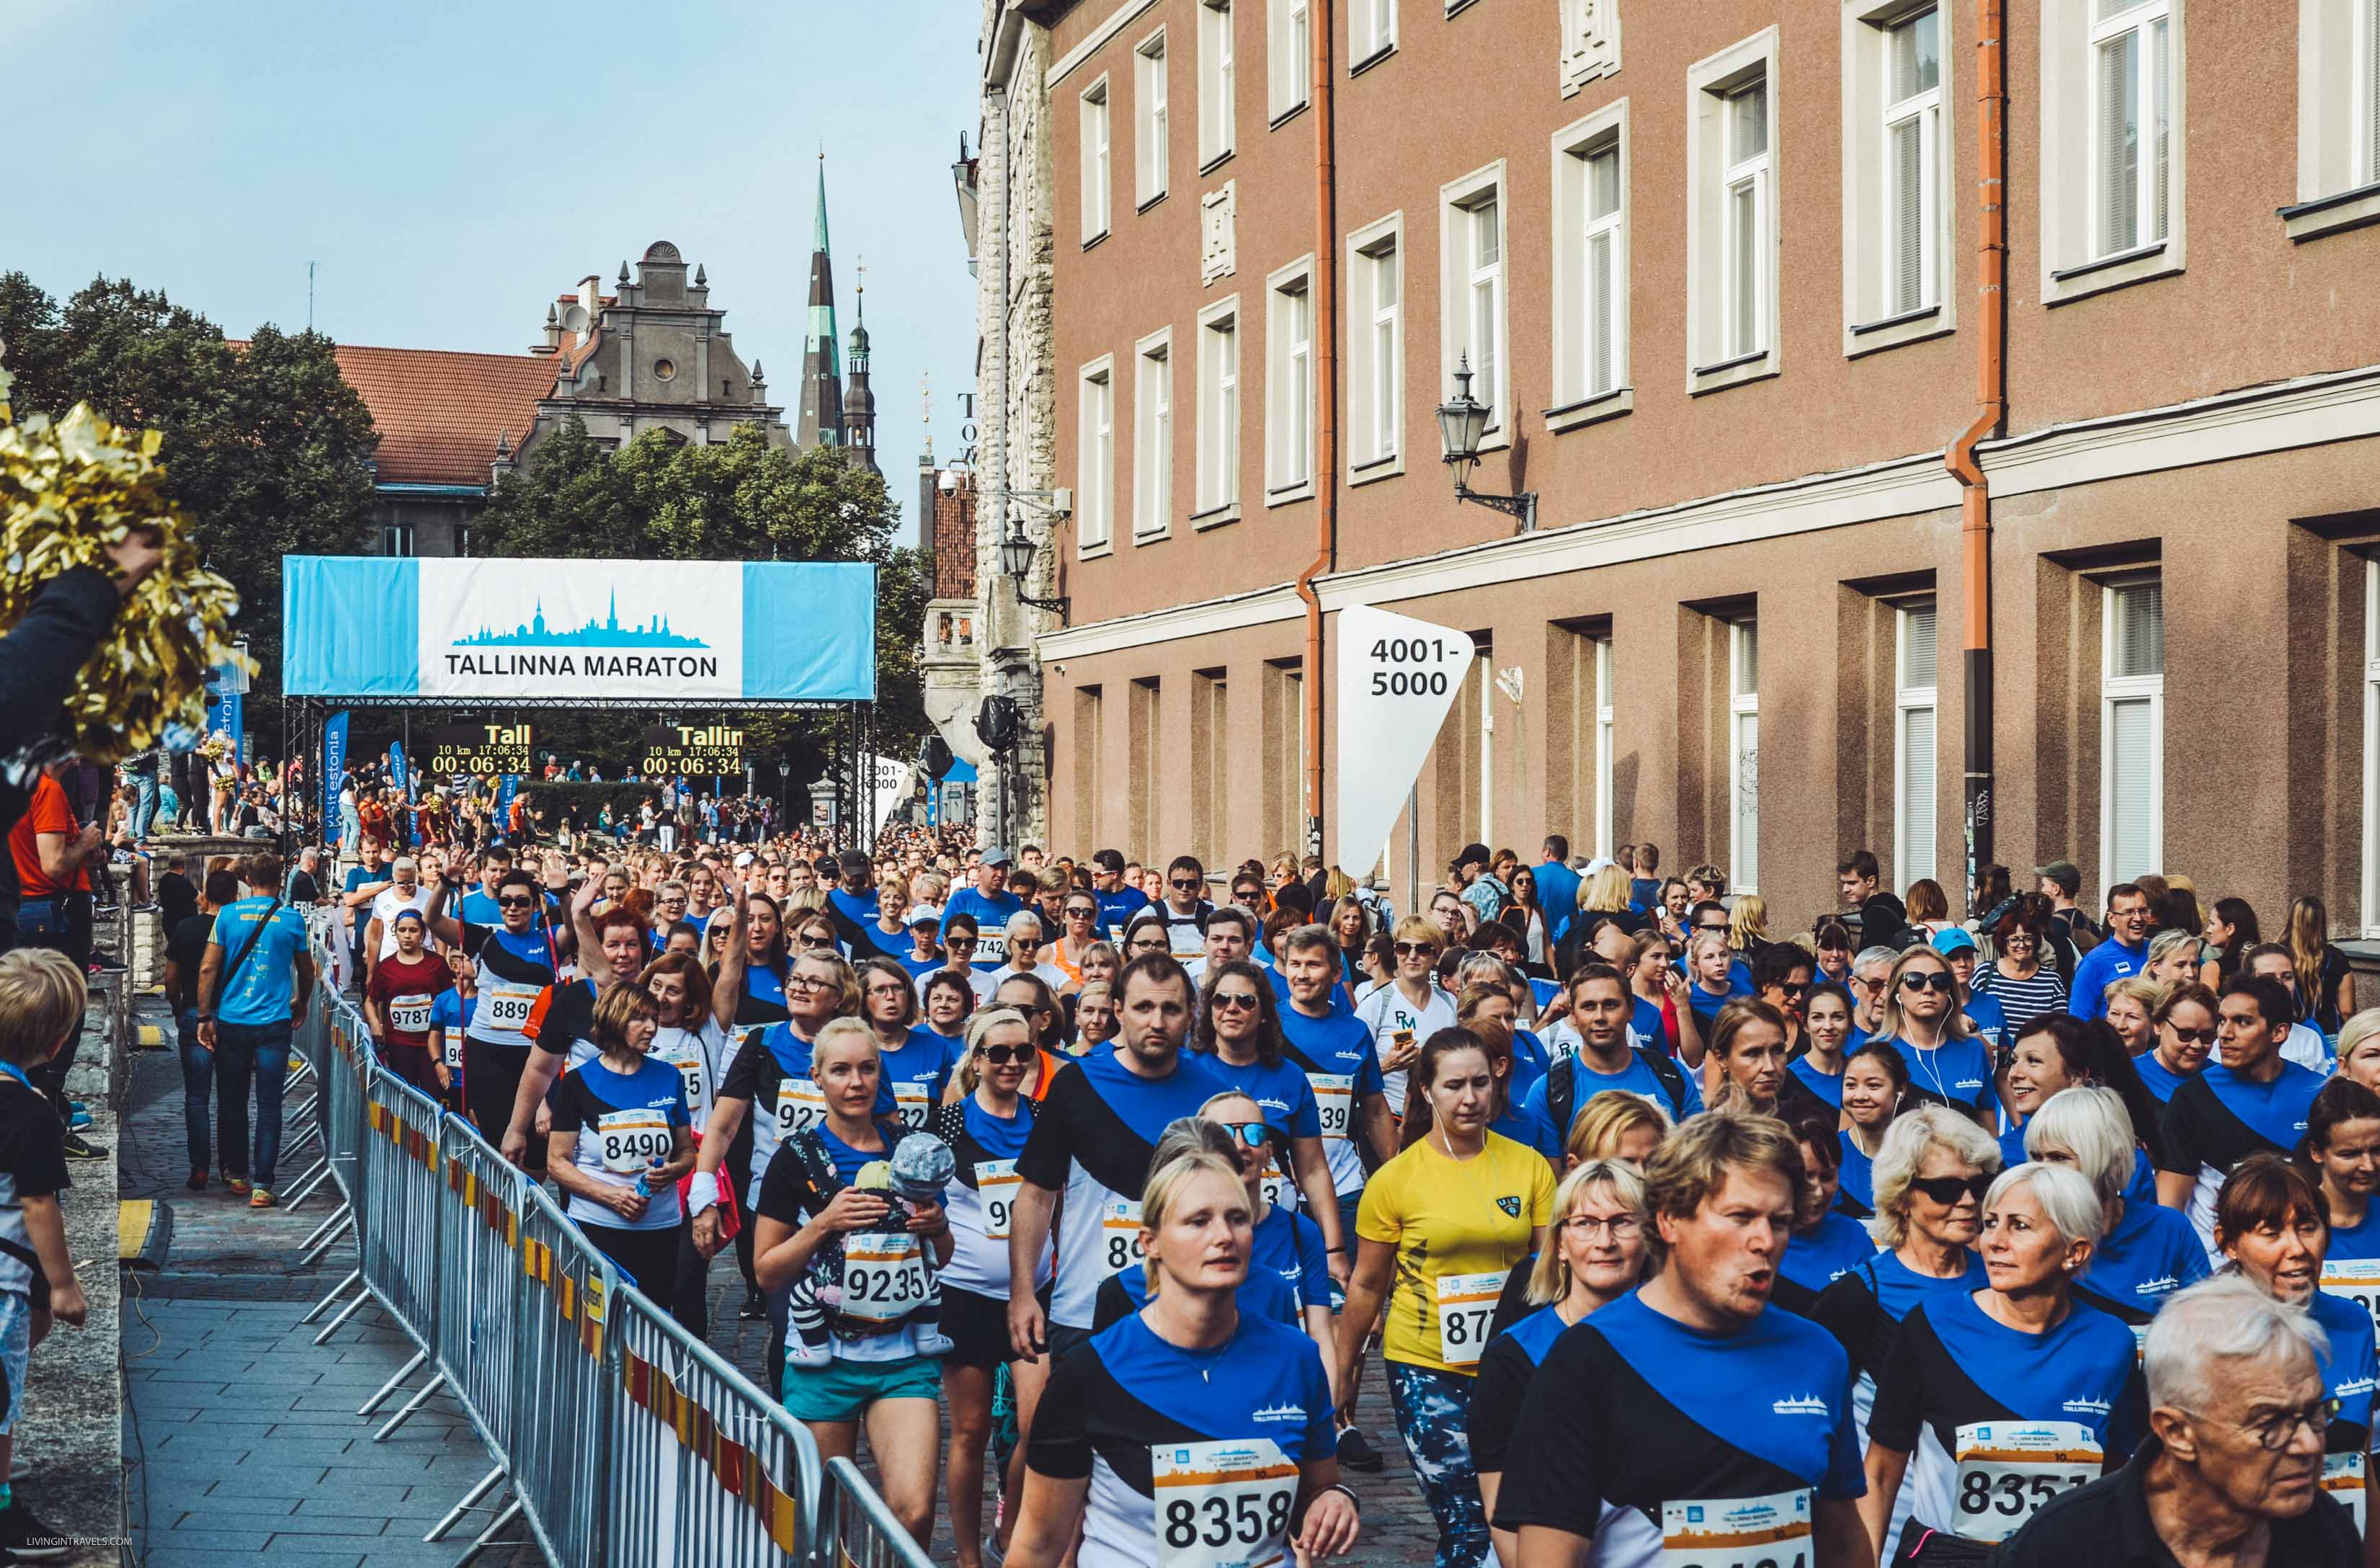 Пробежать полумарафон в Европе: как и зачем участвовать в забегах